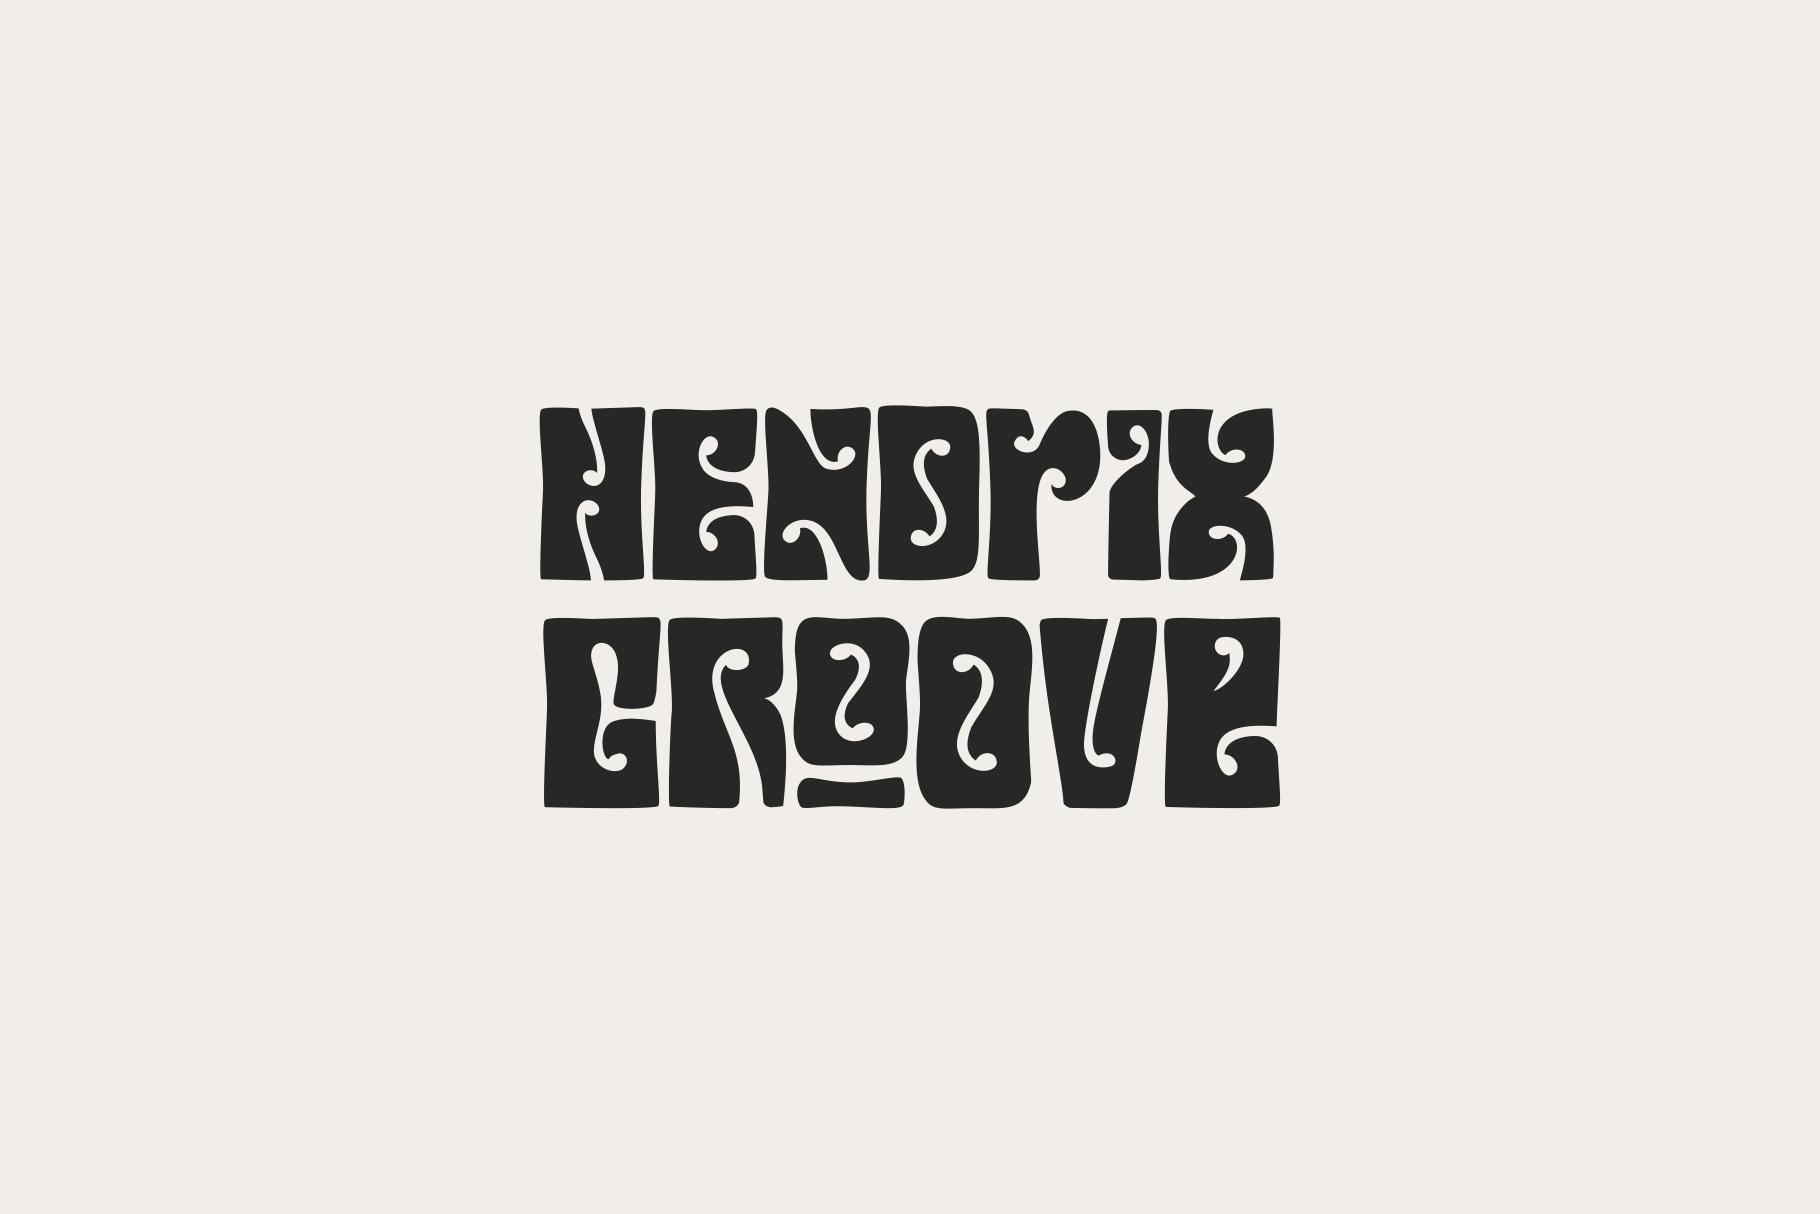 Hendrix Groove Free Font